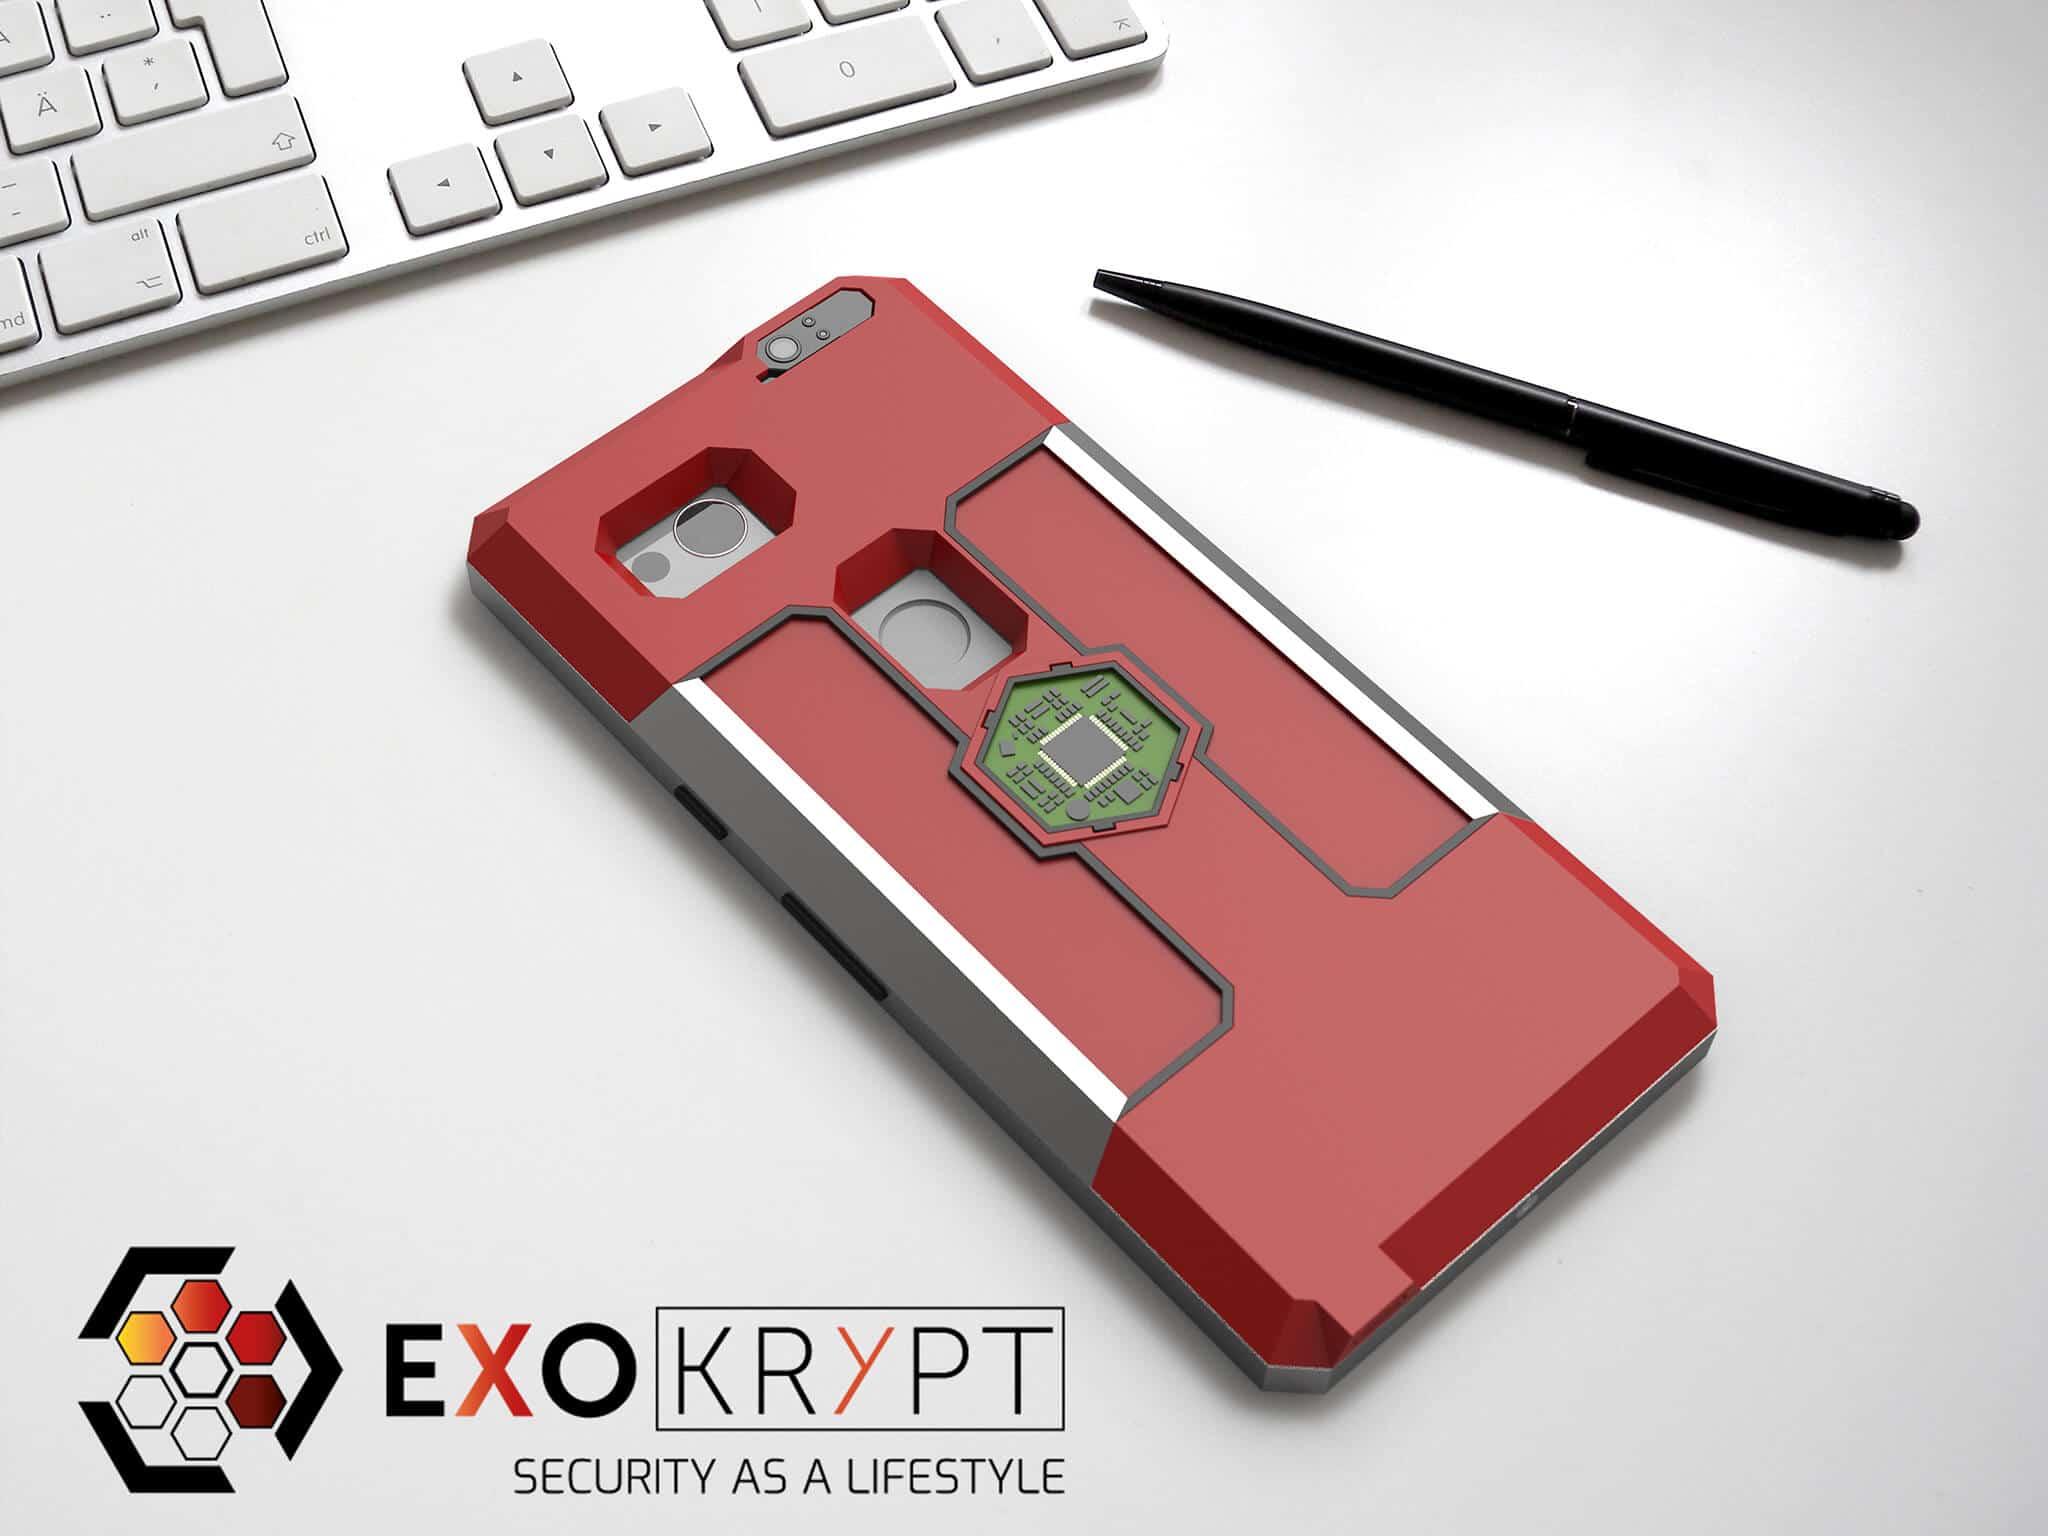 ExoShield BUSINESS Smartphone Case - Brushed Metal Frame - Rote Inlets - Rotes Case auf einem Tisch auf einem Papierblatt liegend mit Kugelschreiber daneben, Mac Tastatur darüber